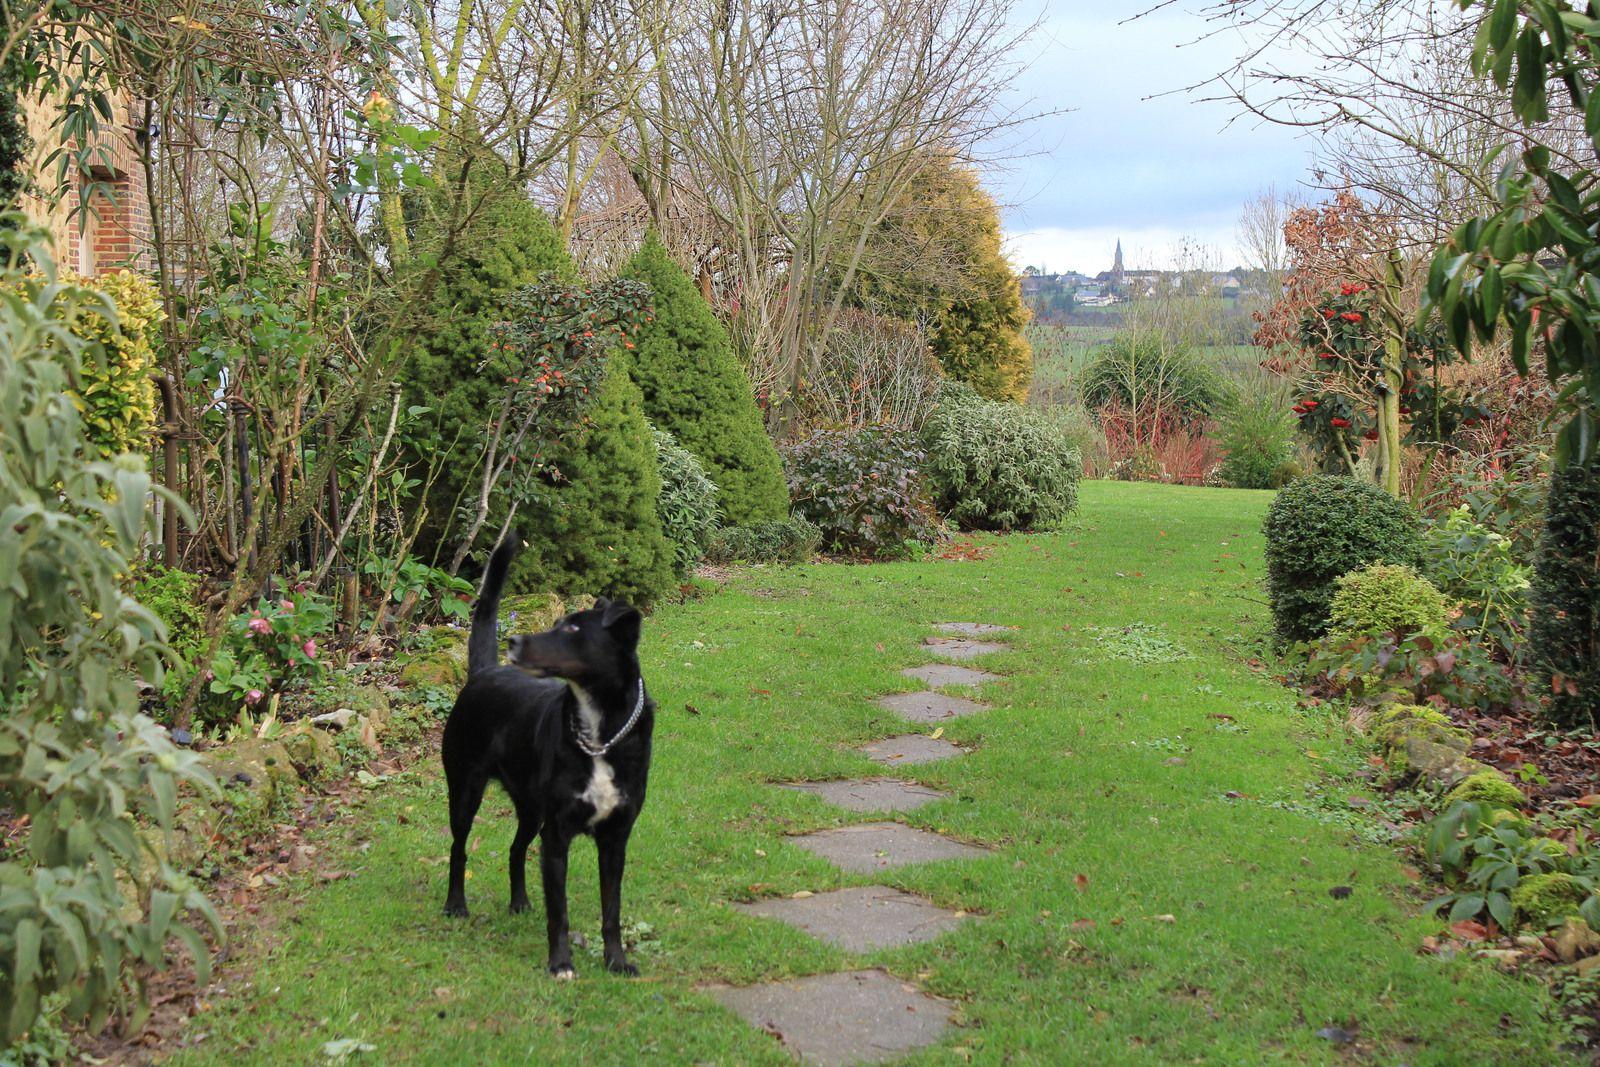 Ce cliché du jardin pourrait être le profil du jardin celui que l'on pourrait reconnaitre entre les autres sans le confondre, mportant de pouvoir définir son profil